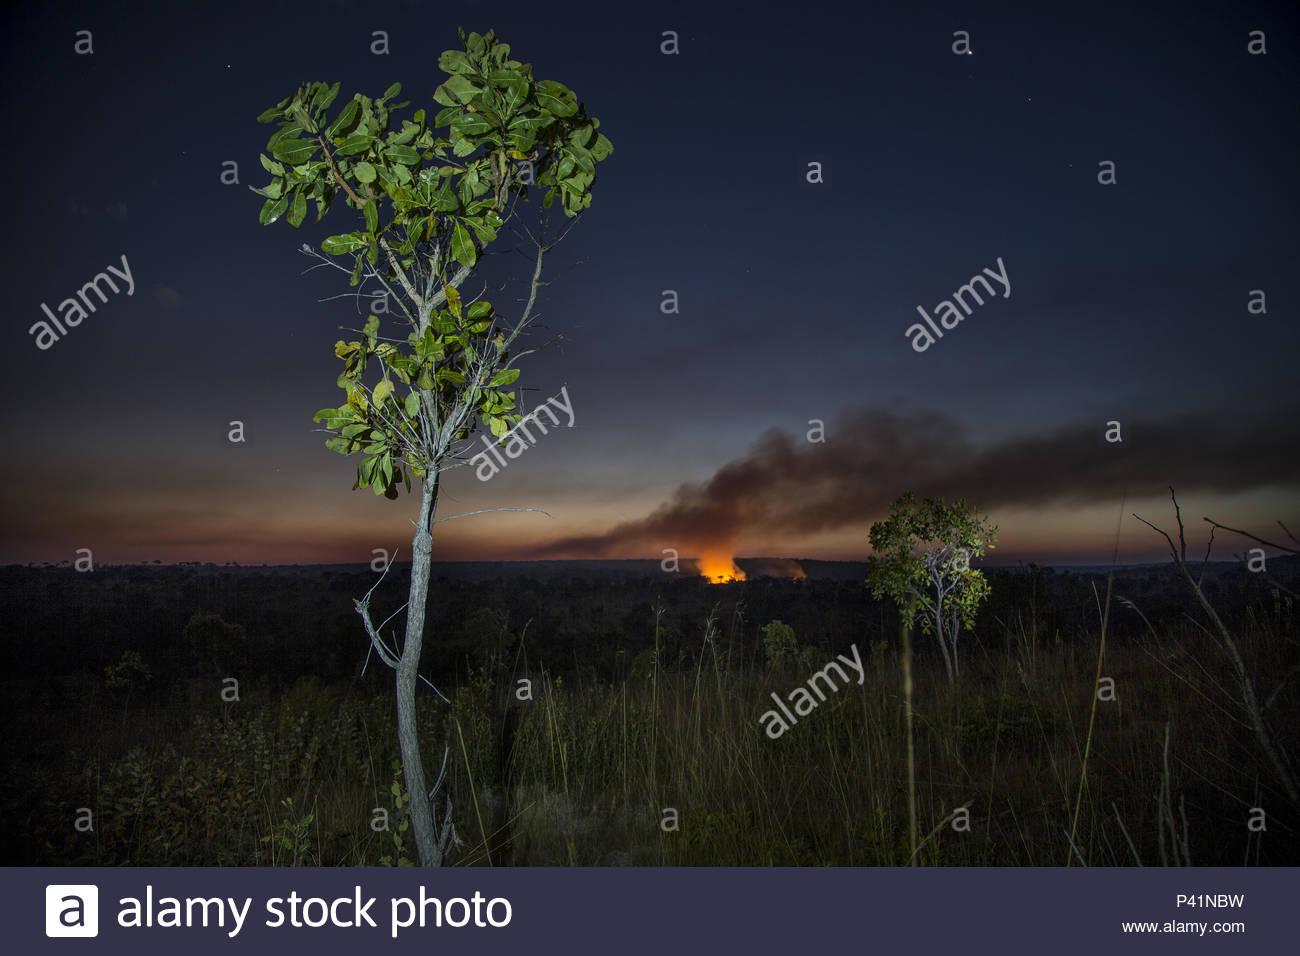 A fire in the Okavango Delta. - Stock Image